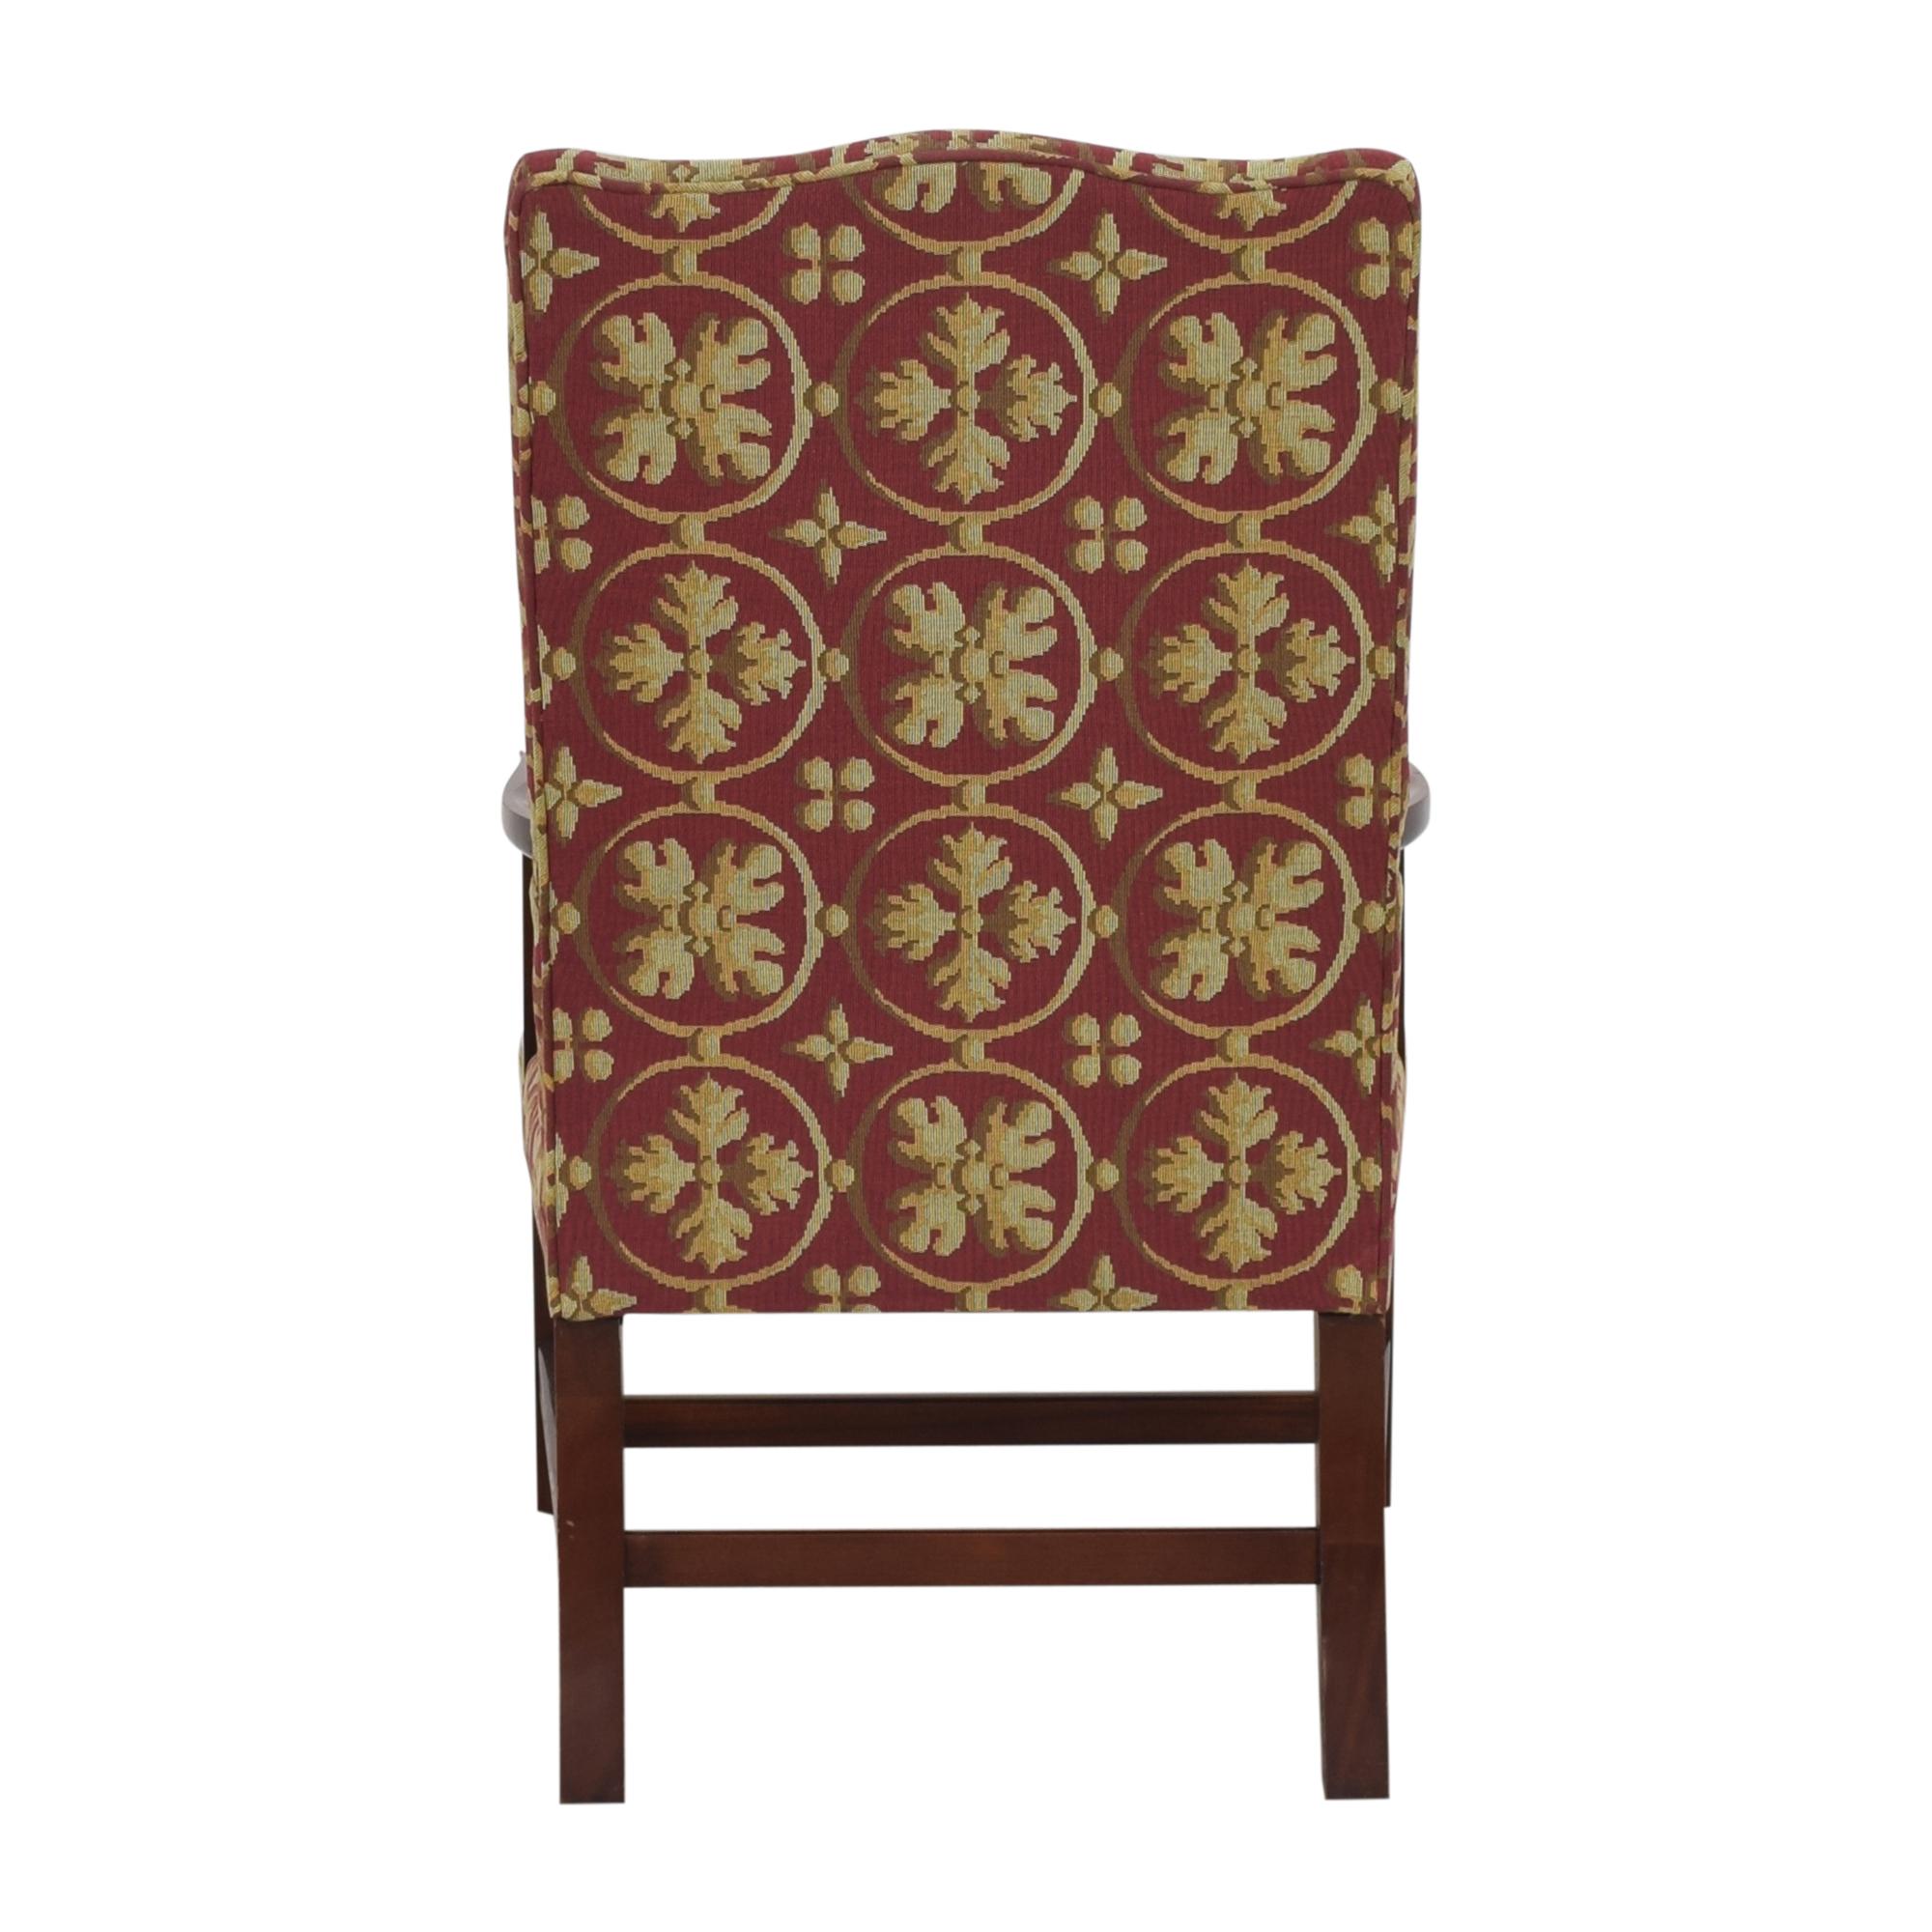 Custom Camelback Armchair used